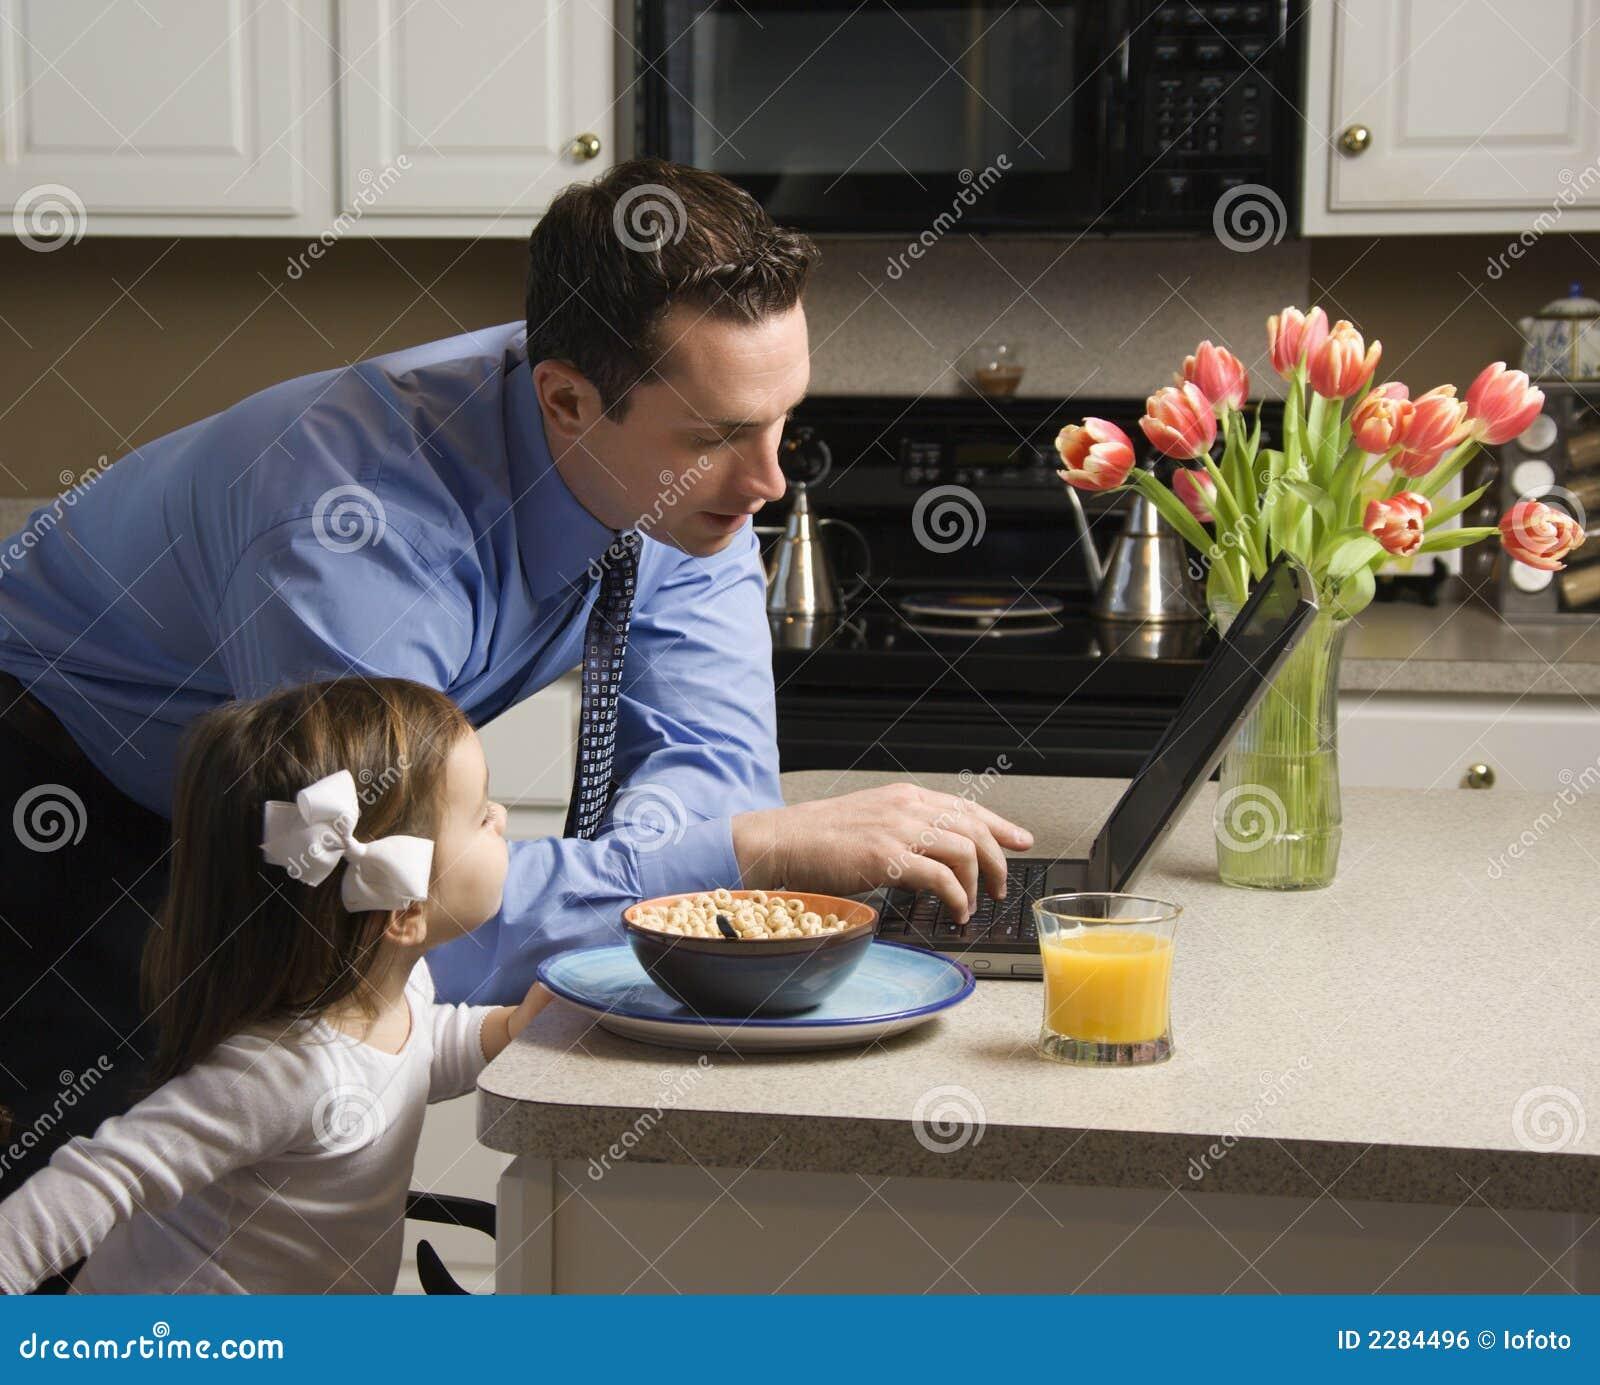 дочь бизнесмена